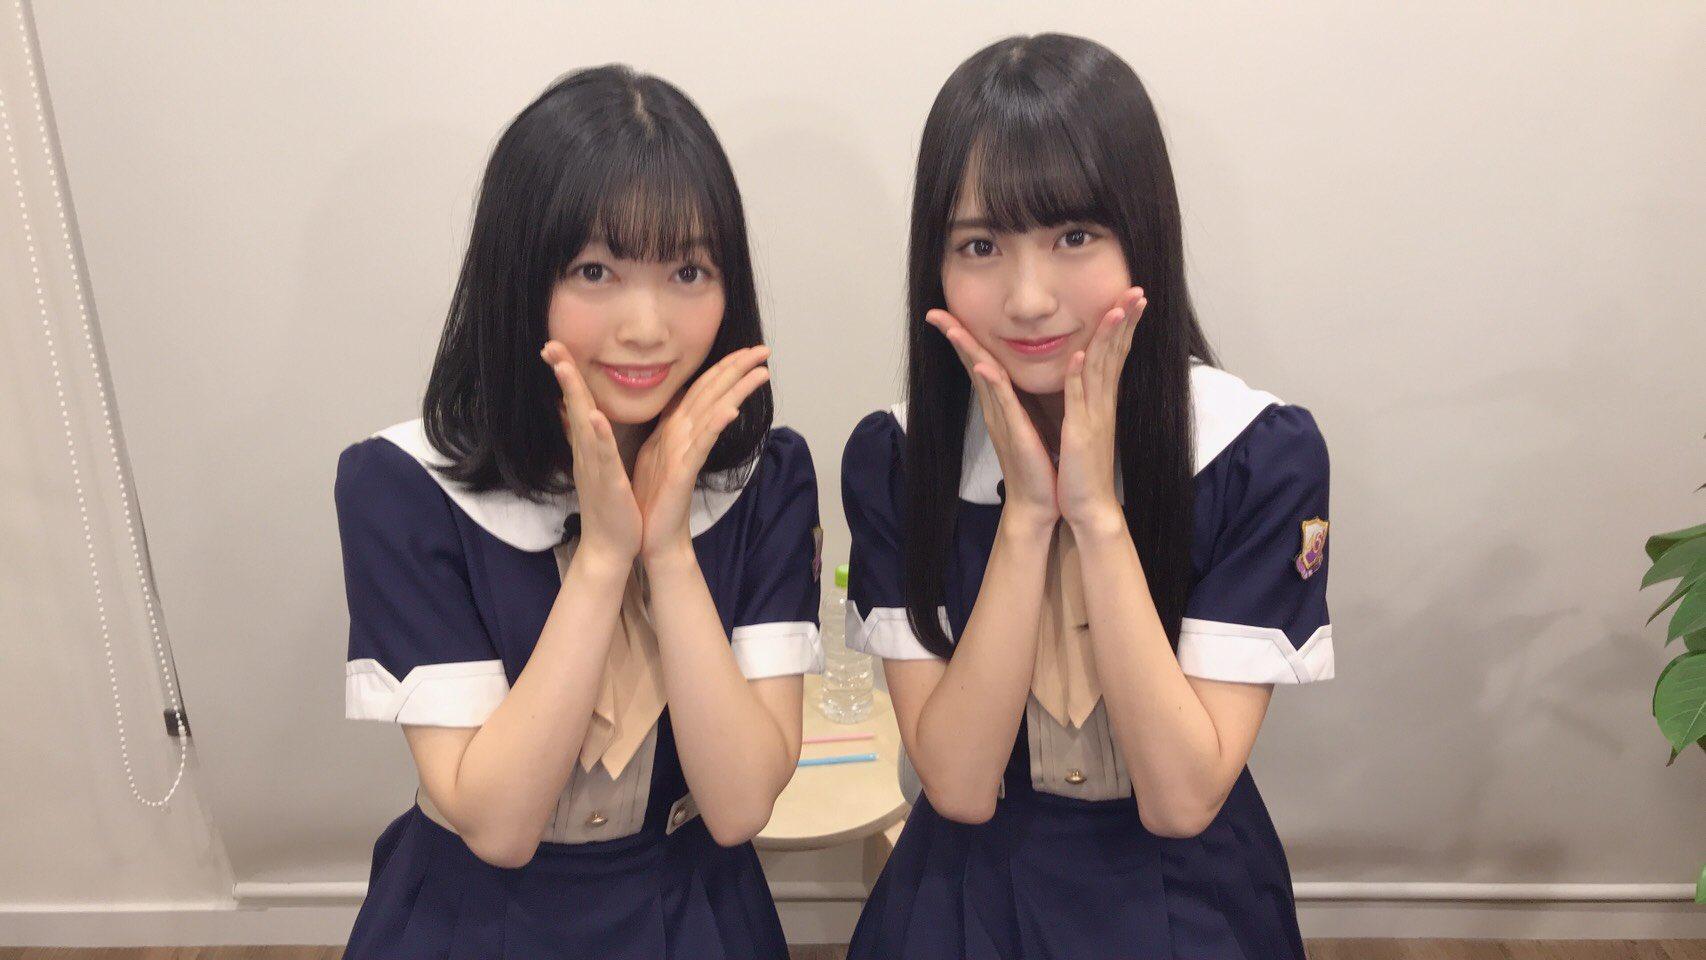 乃木坂46「猫舌SHOWROOM」 北川悠理 賀喜遥香